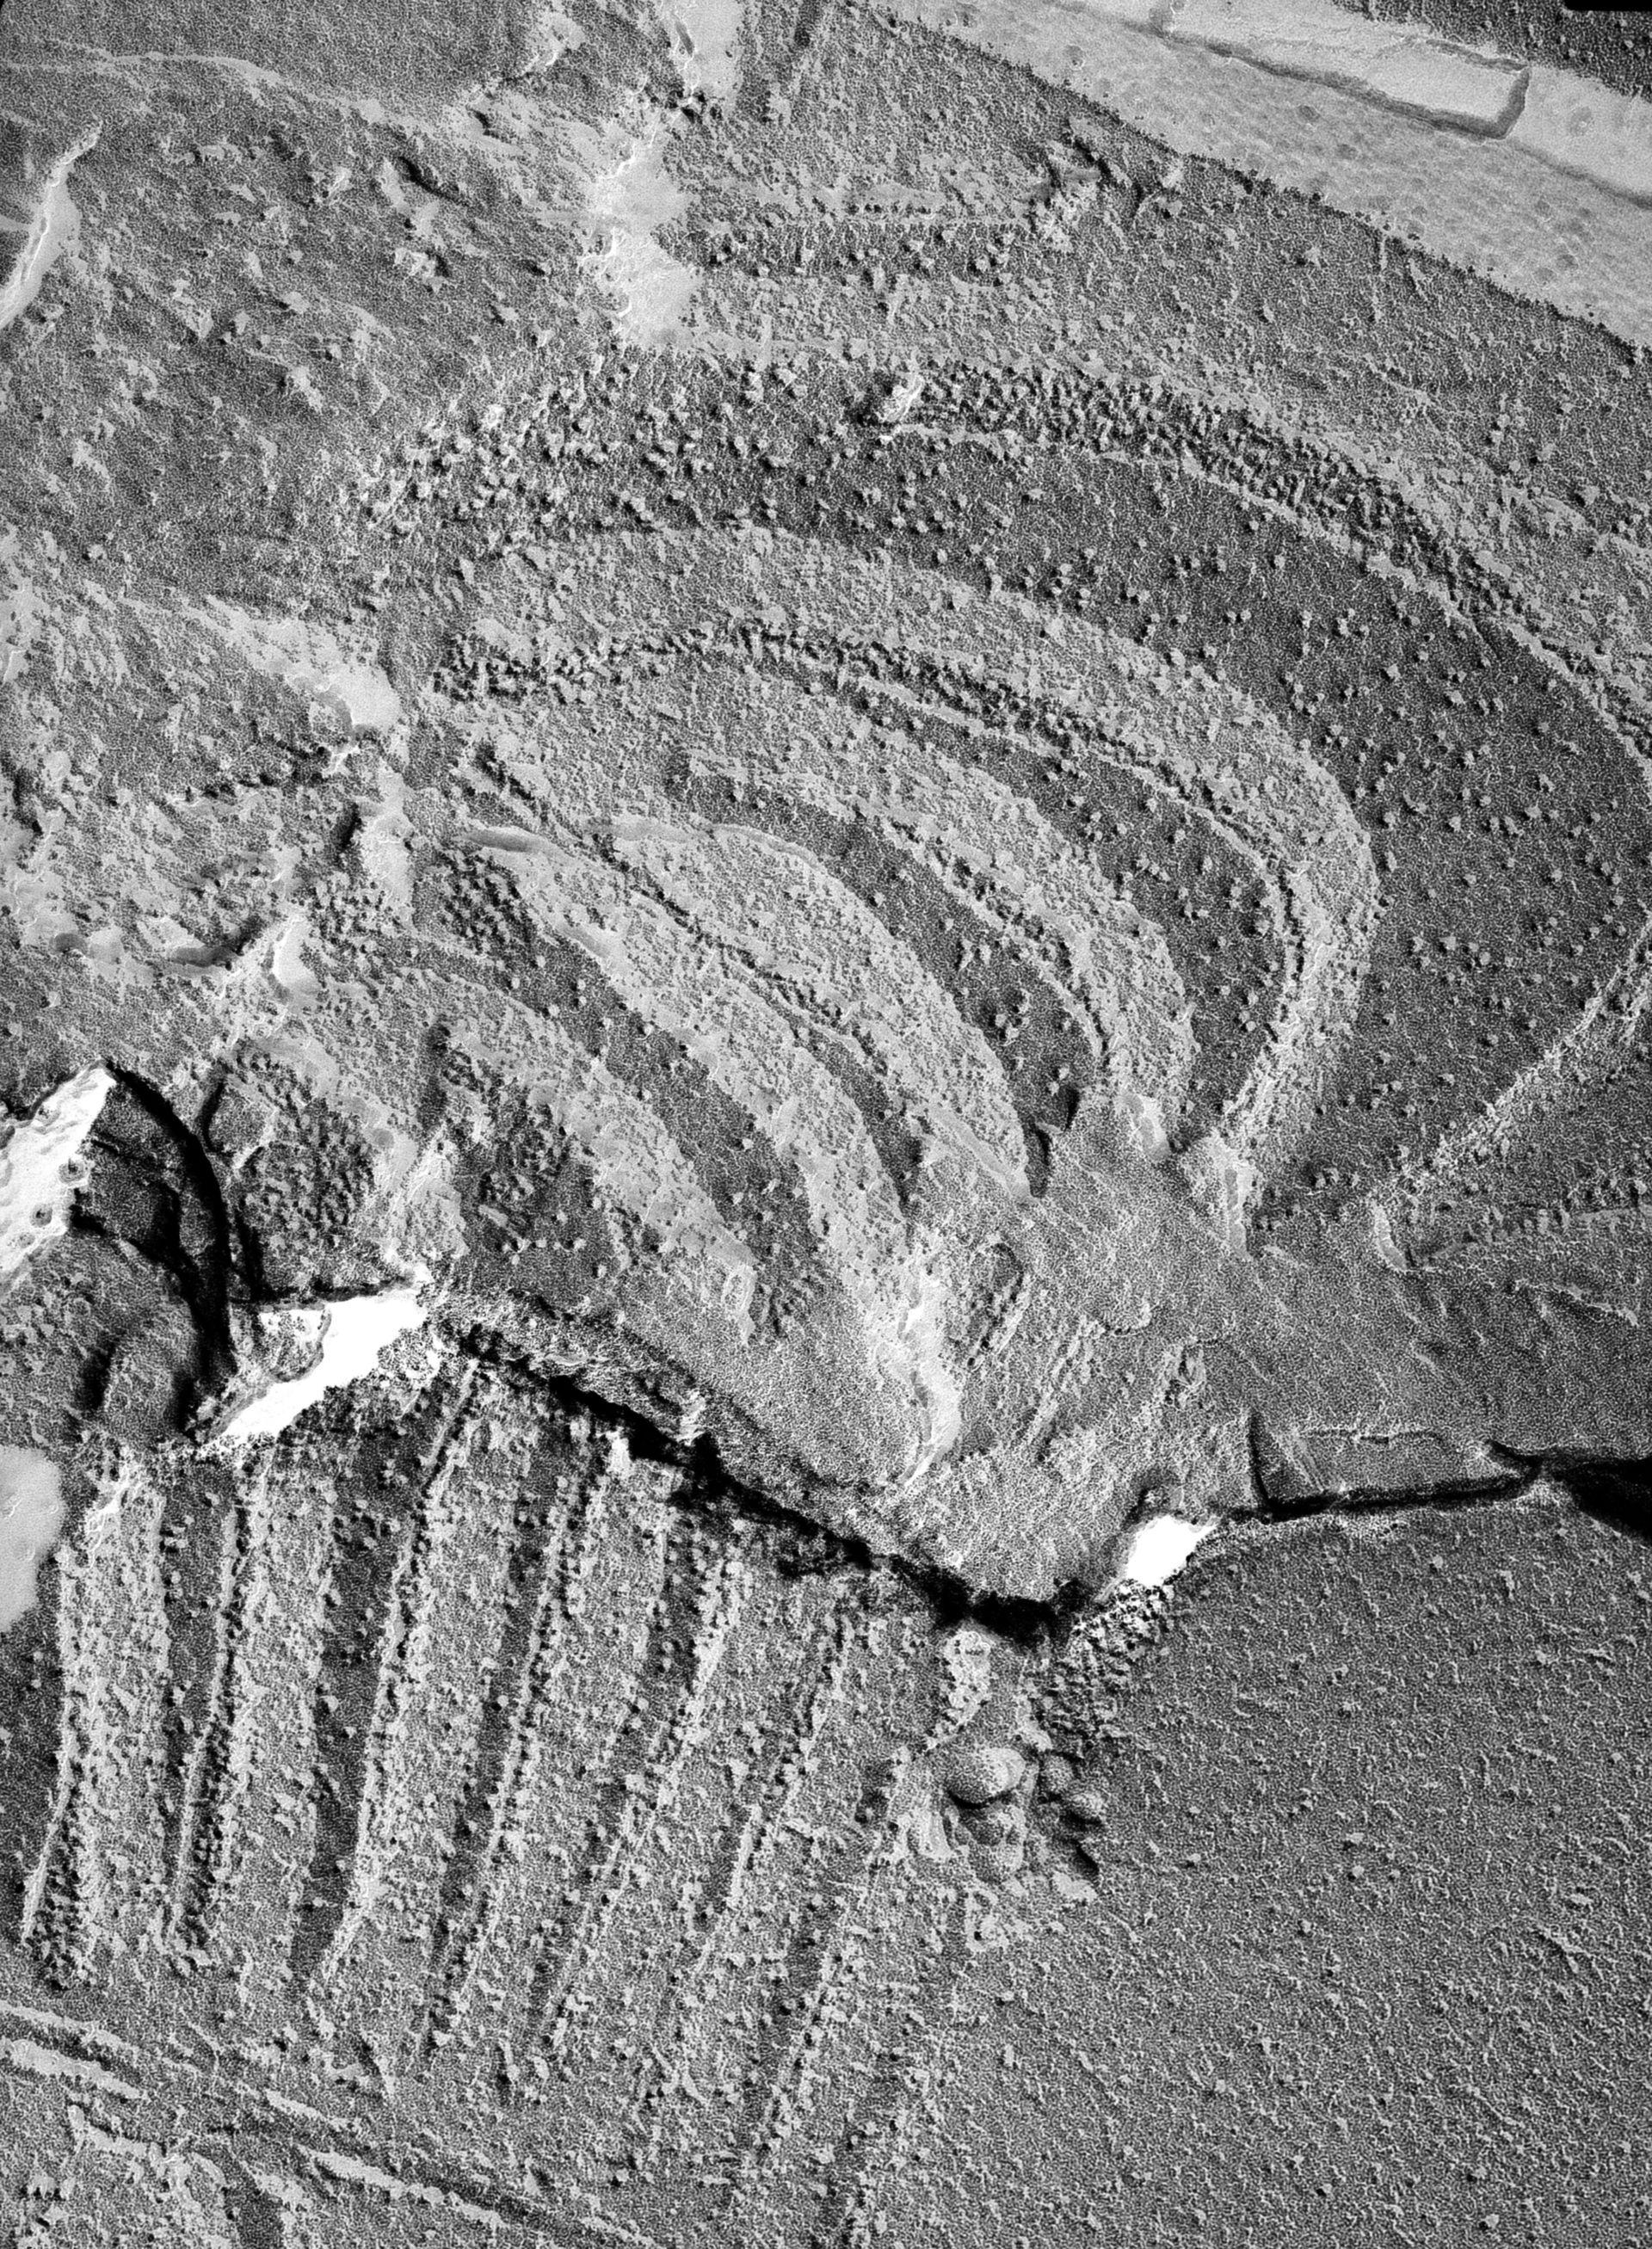 Oscillatoria tenuis (Thylakoid) - CIL:14652